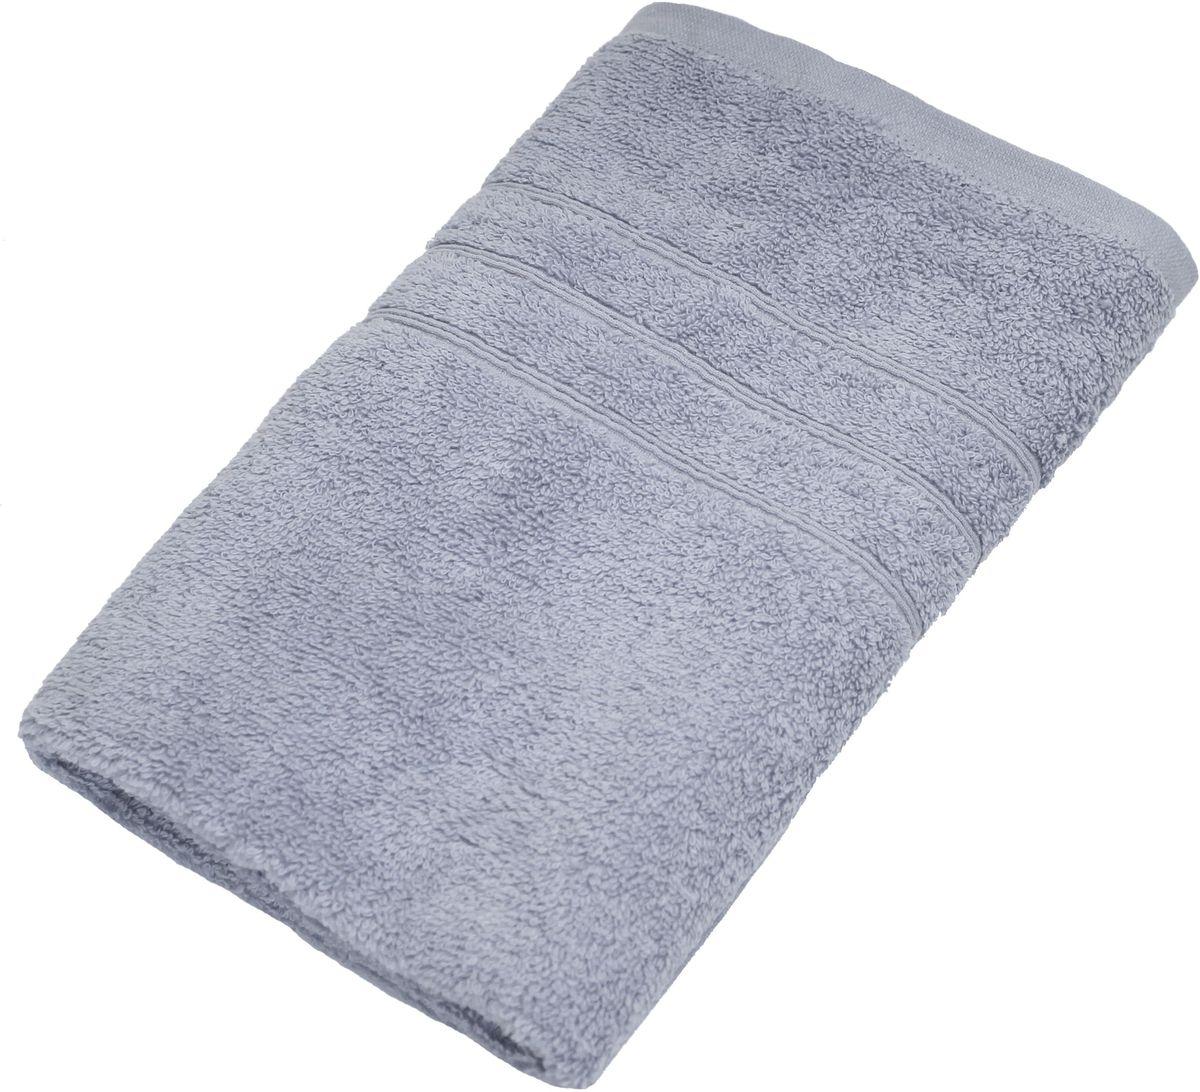 Полотенце Proffi Home Модерн, цвет: серый, 50 x 100 смPH3267Мягкое махровое полотенцеProffi Home Модерн отлично впитывает влагу и быстро сохнет, приятно в него завернуться после принятия ванны или посещения сауны. Поэтому данное махровое полотенце можно использовать в качестве душевого, банного или пляжного полотенца. Состав: 100% хлопок.